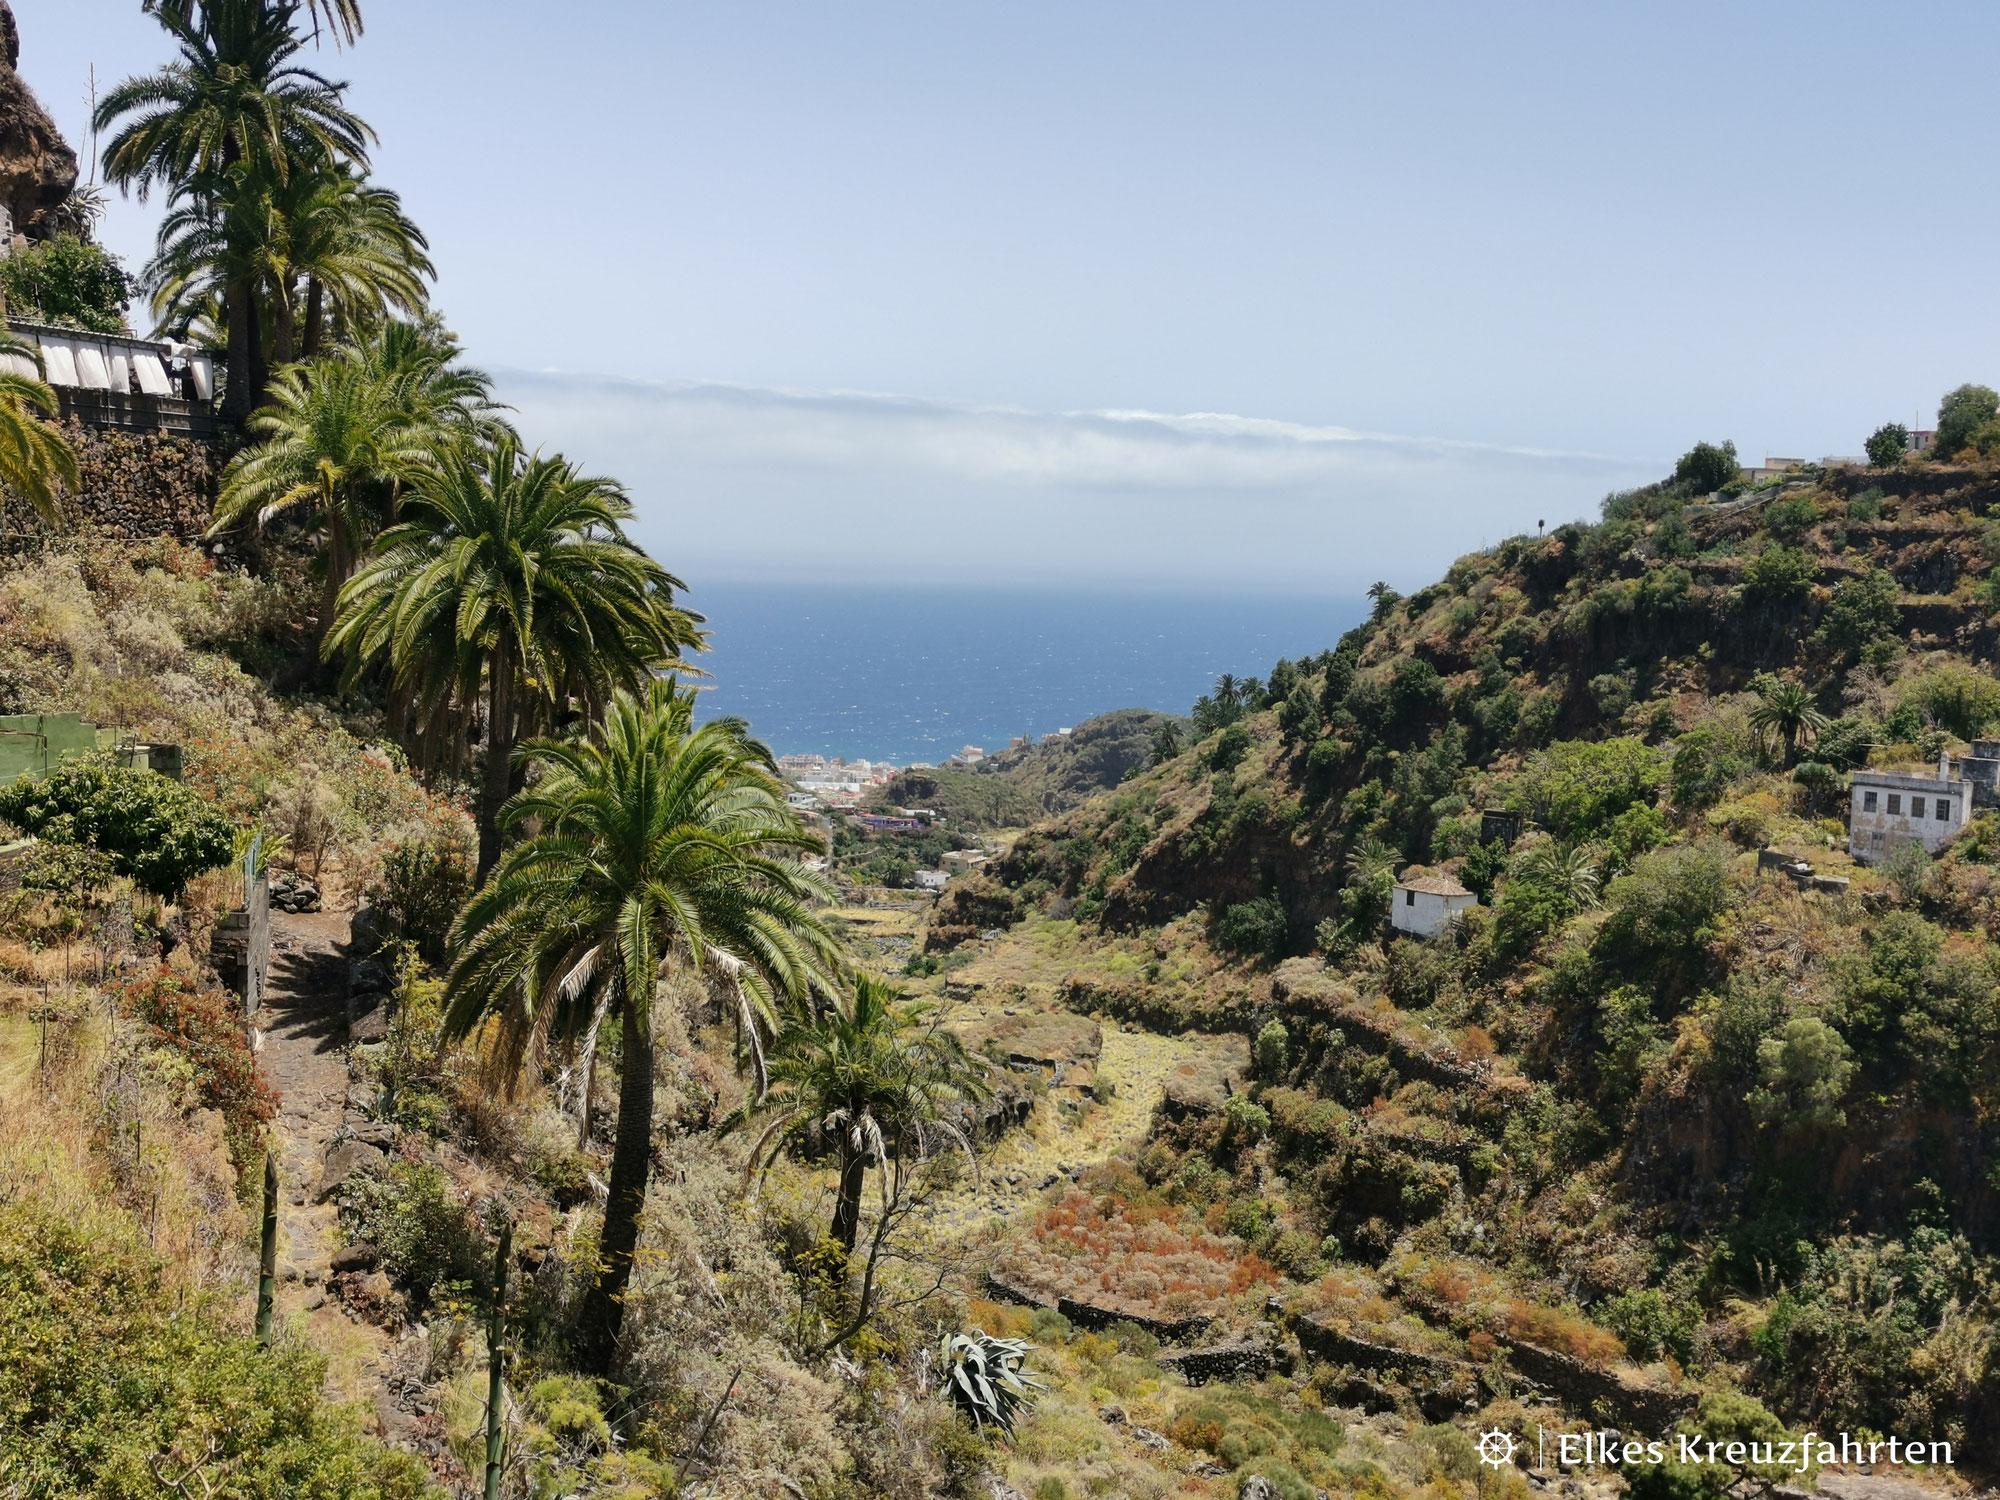 La Palma 15.05.21